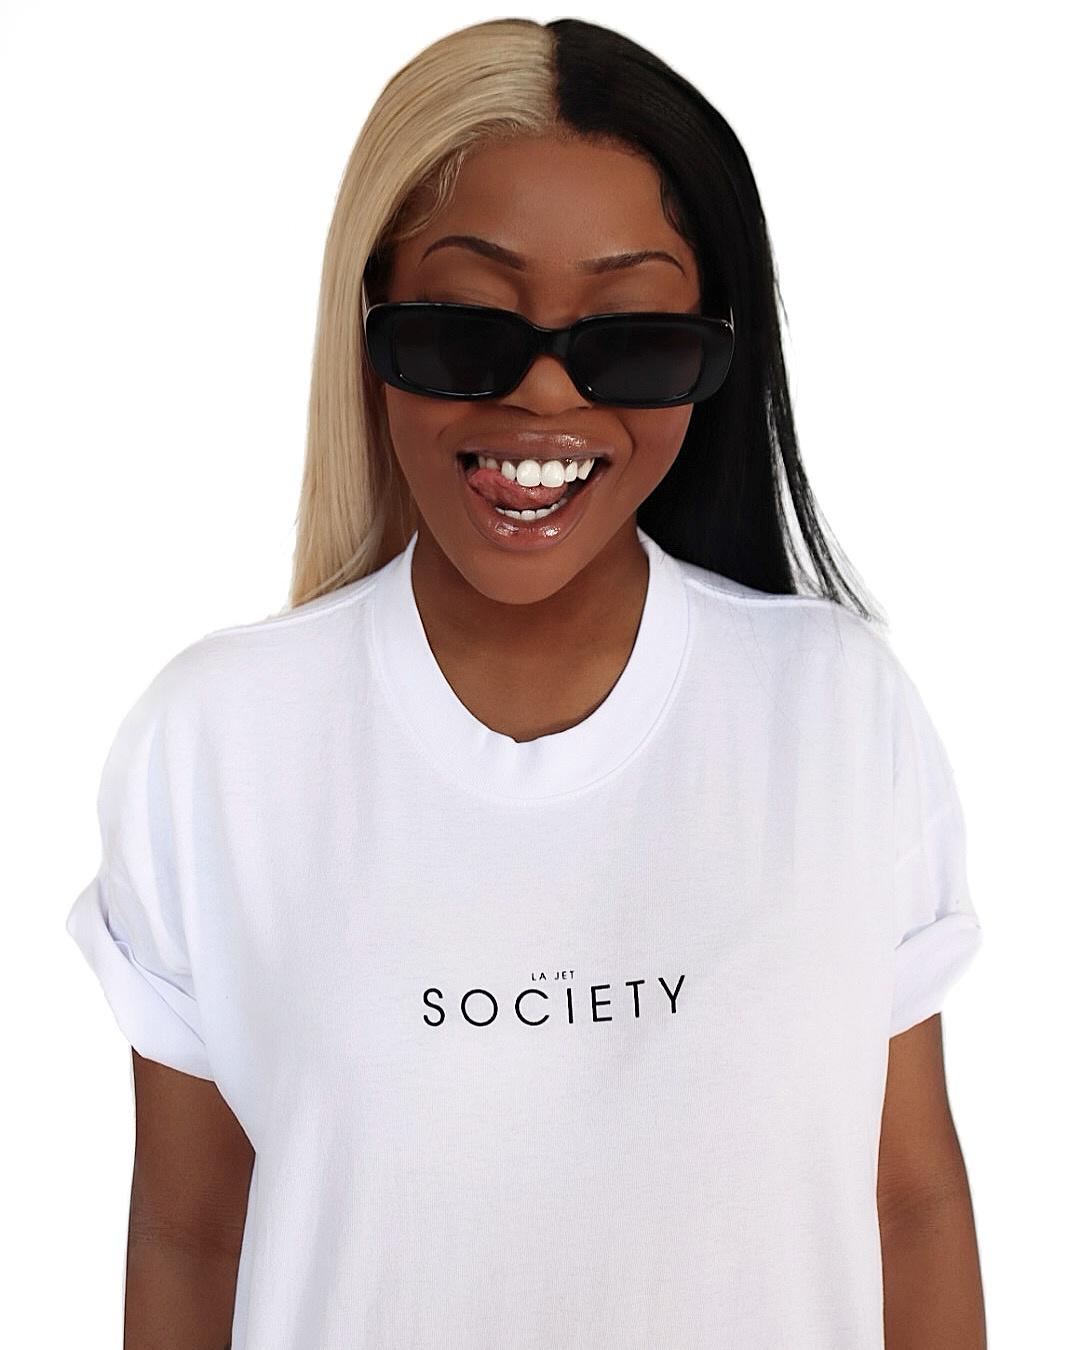 LA JET SOCIETY PREMIUM TEE